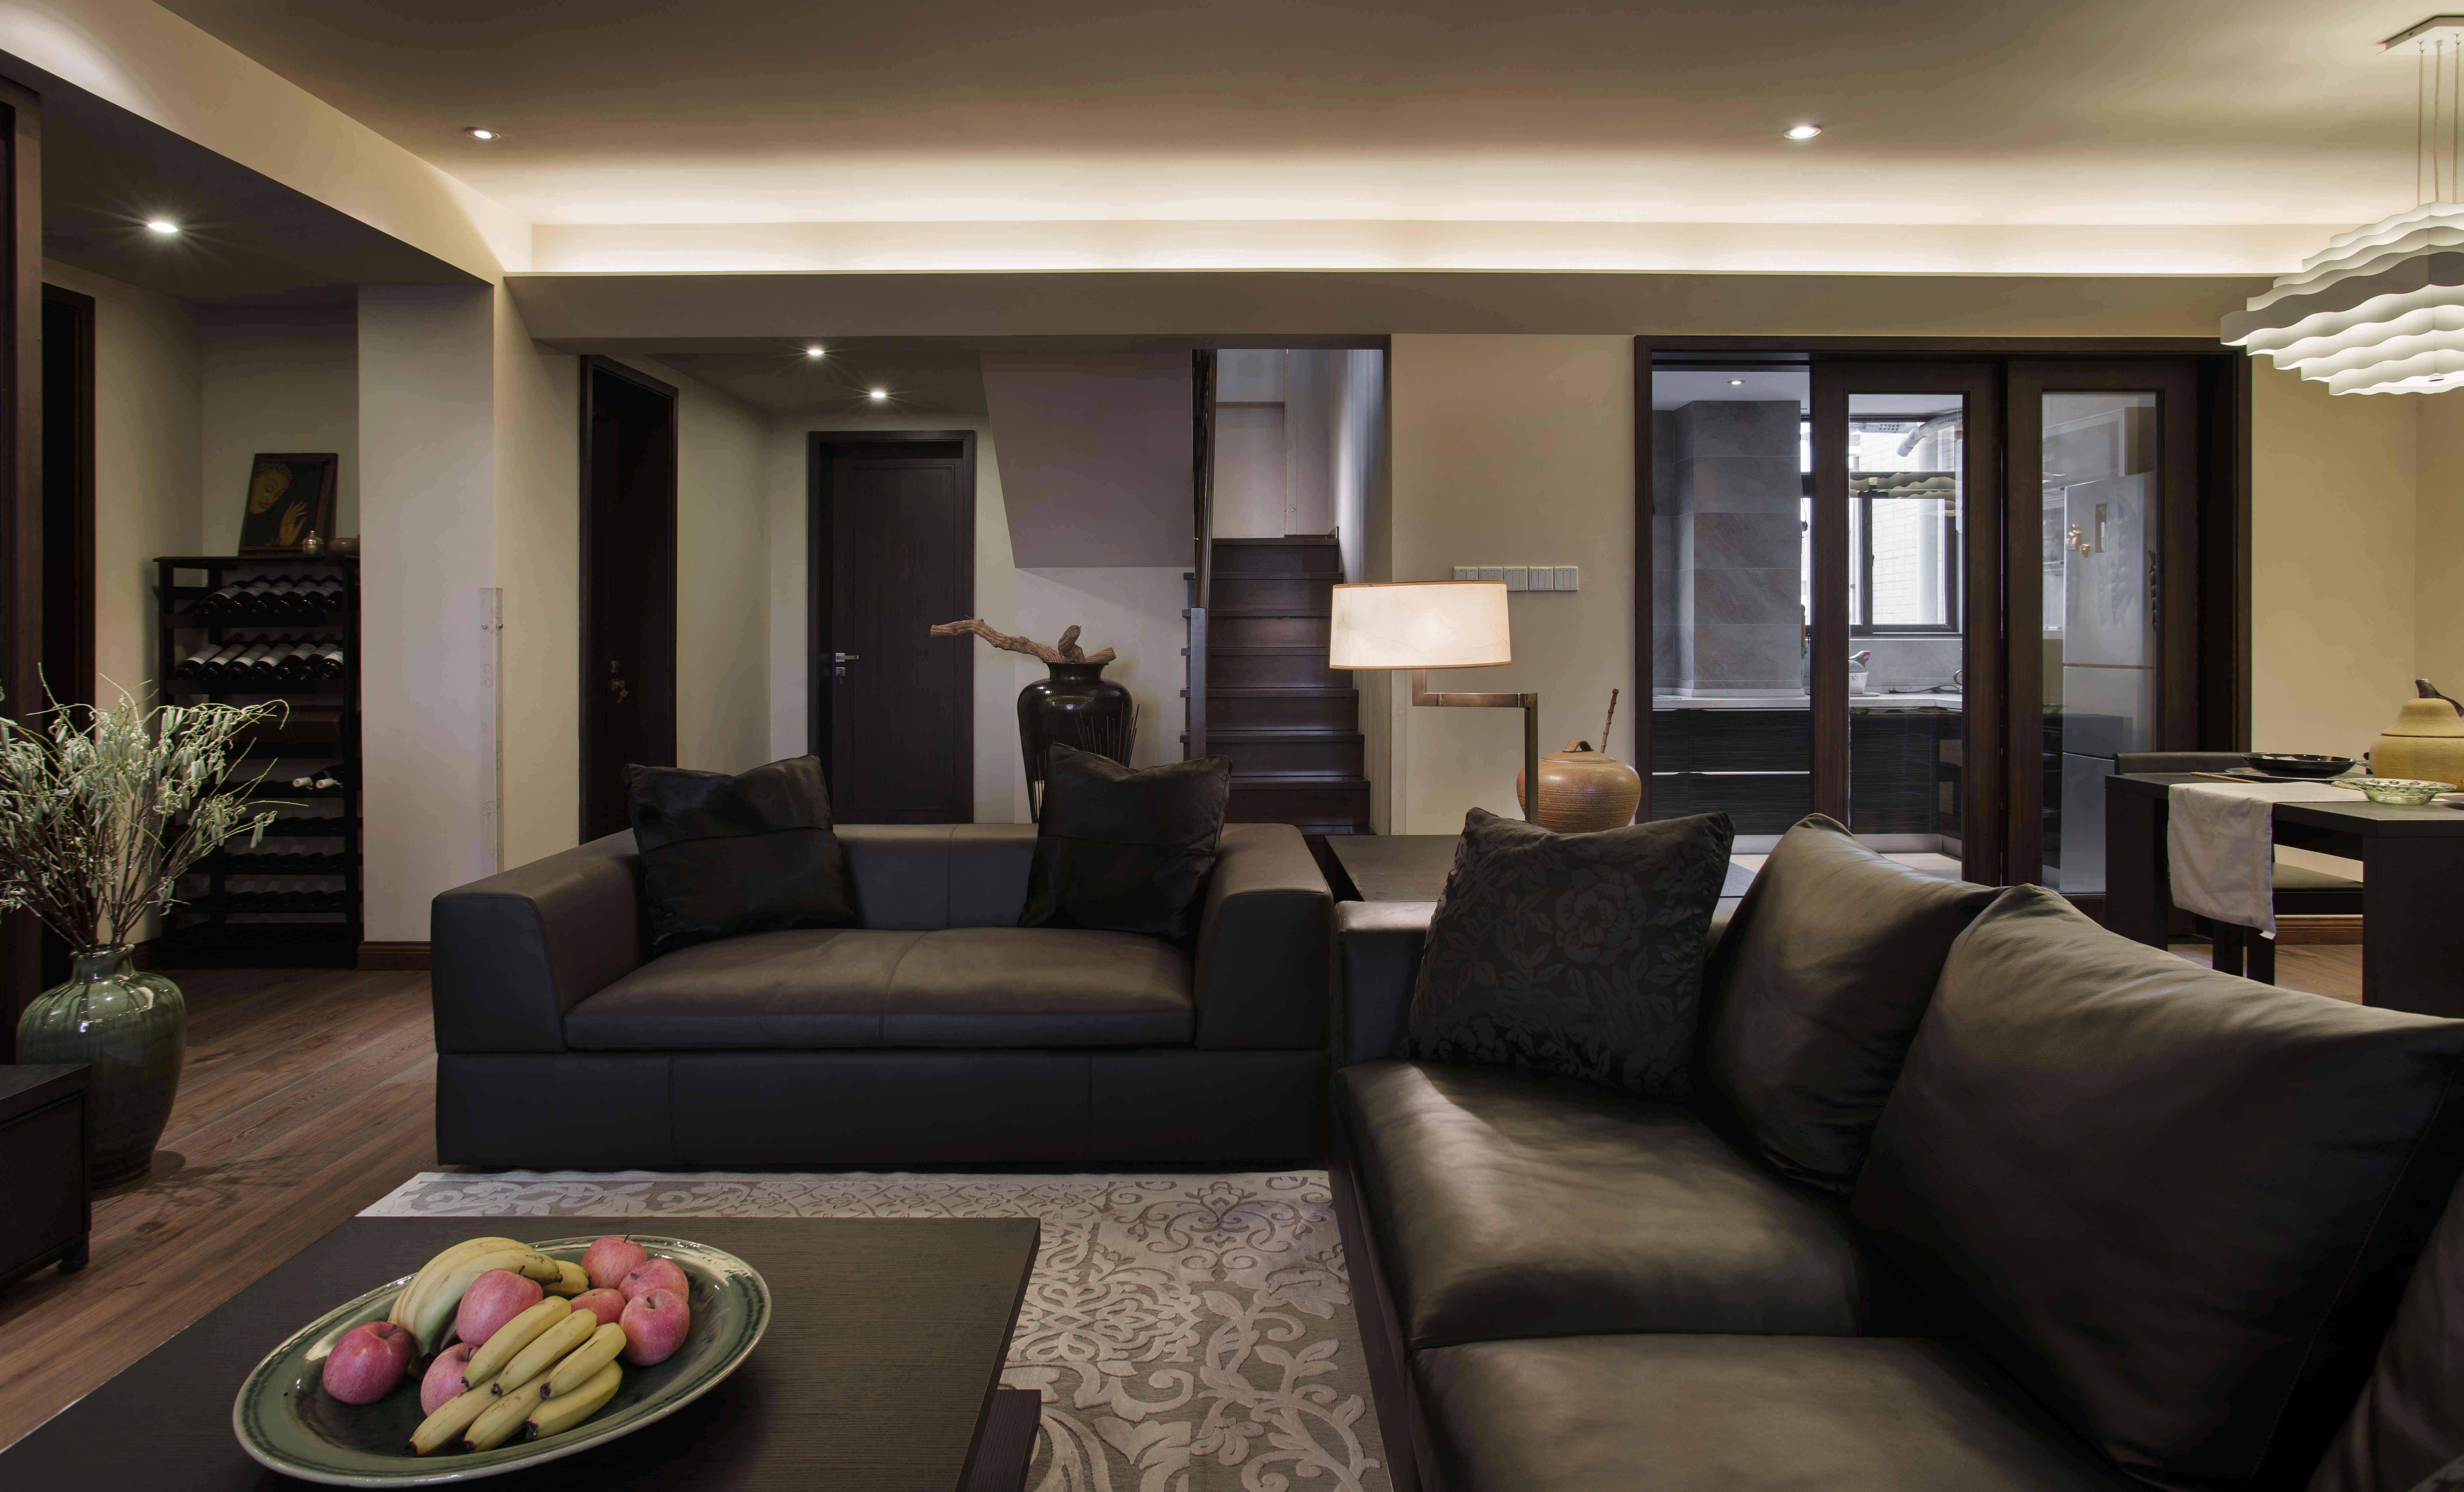 中式风格别墅设计沙发图片